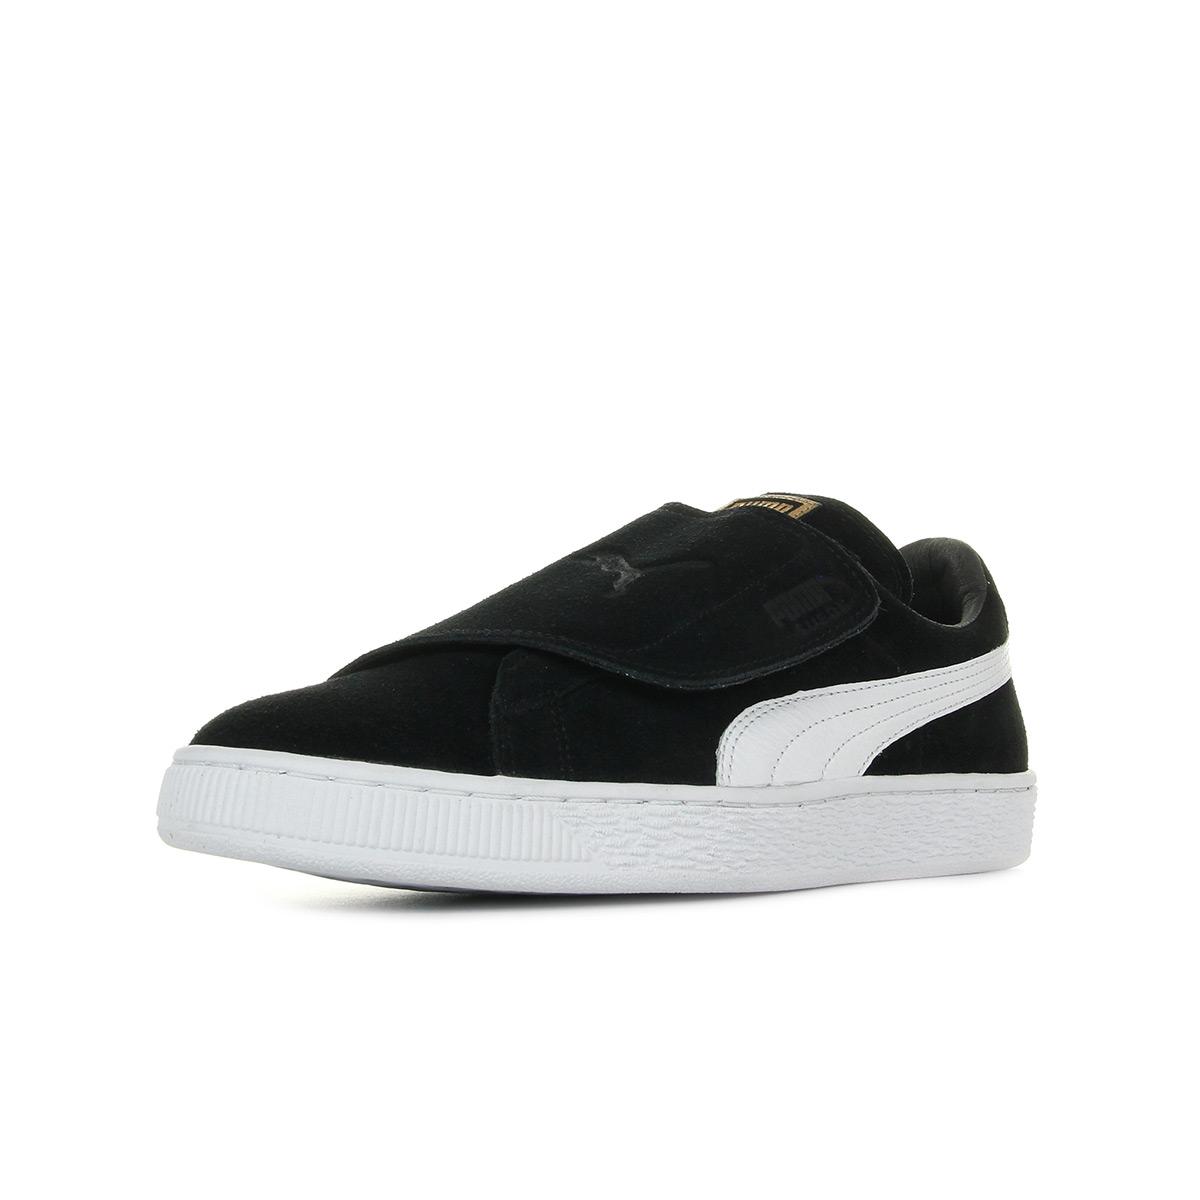 Chaussures Baskets Puma unisexe Suede Wrap taille Noir Noire Cuir Scratchs